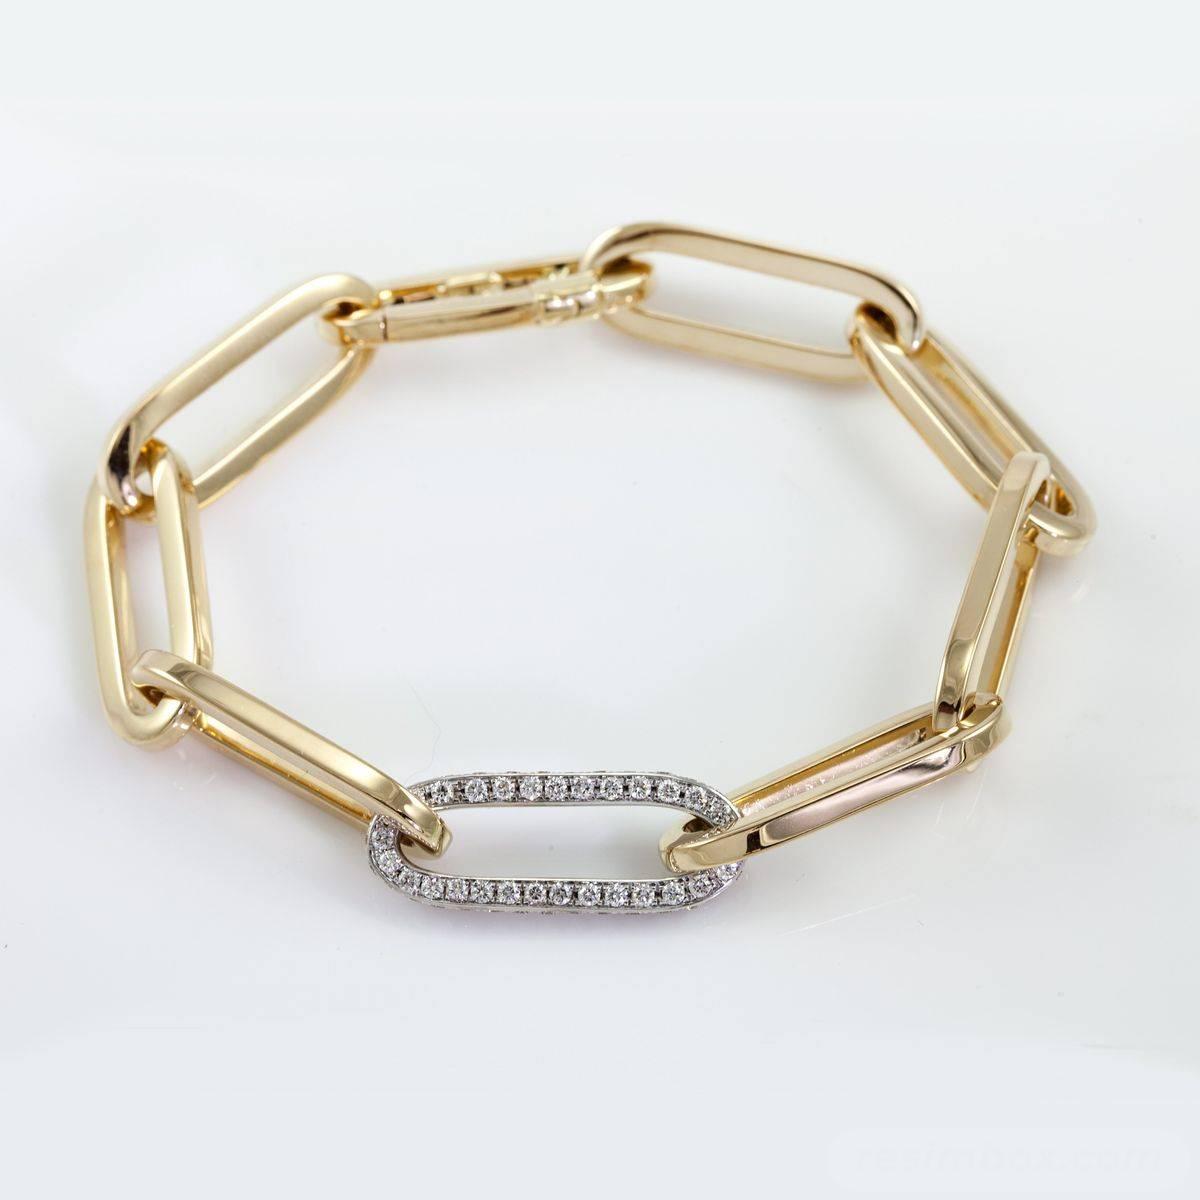 Bangle bracelets-475833516878417225